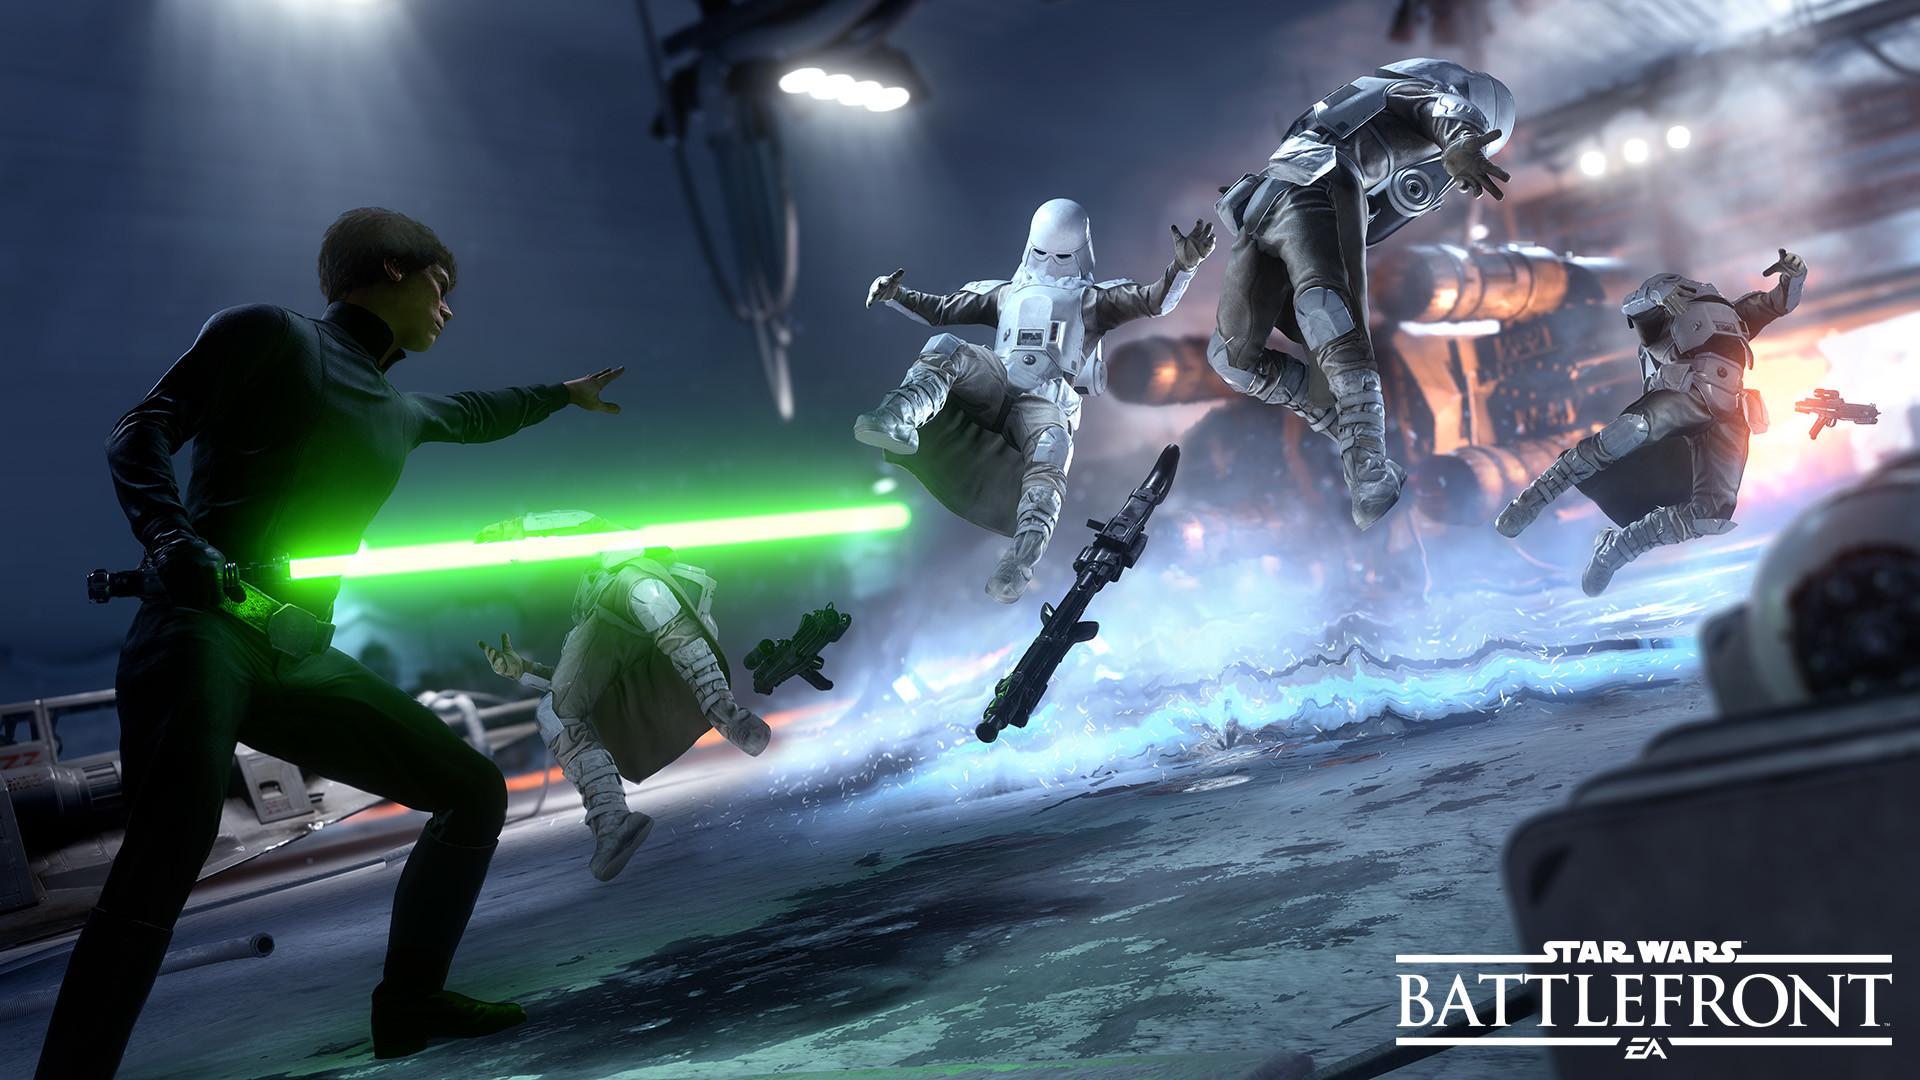 Star Wars Battlefront Wallpaper HD 70 images